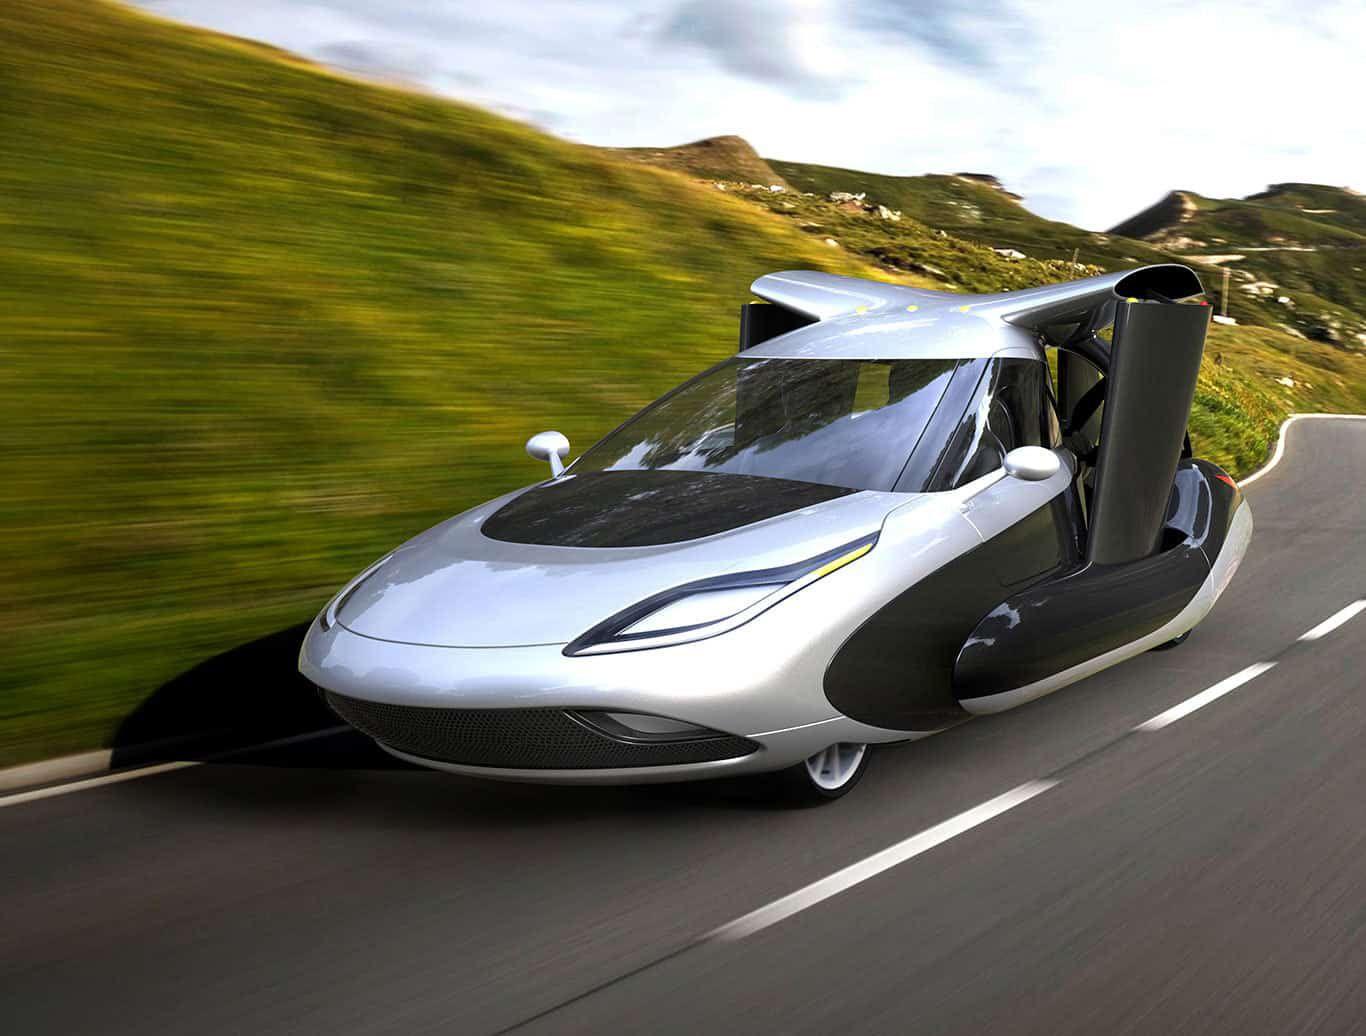 voitures volantes : modèle de la startup Terrafugia